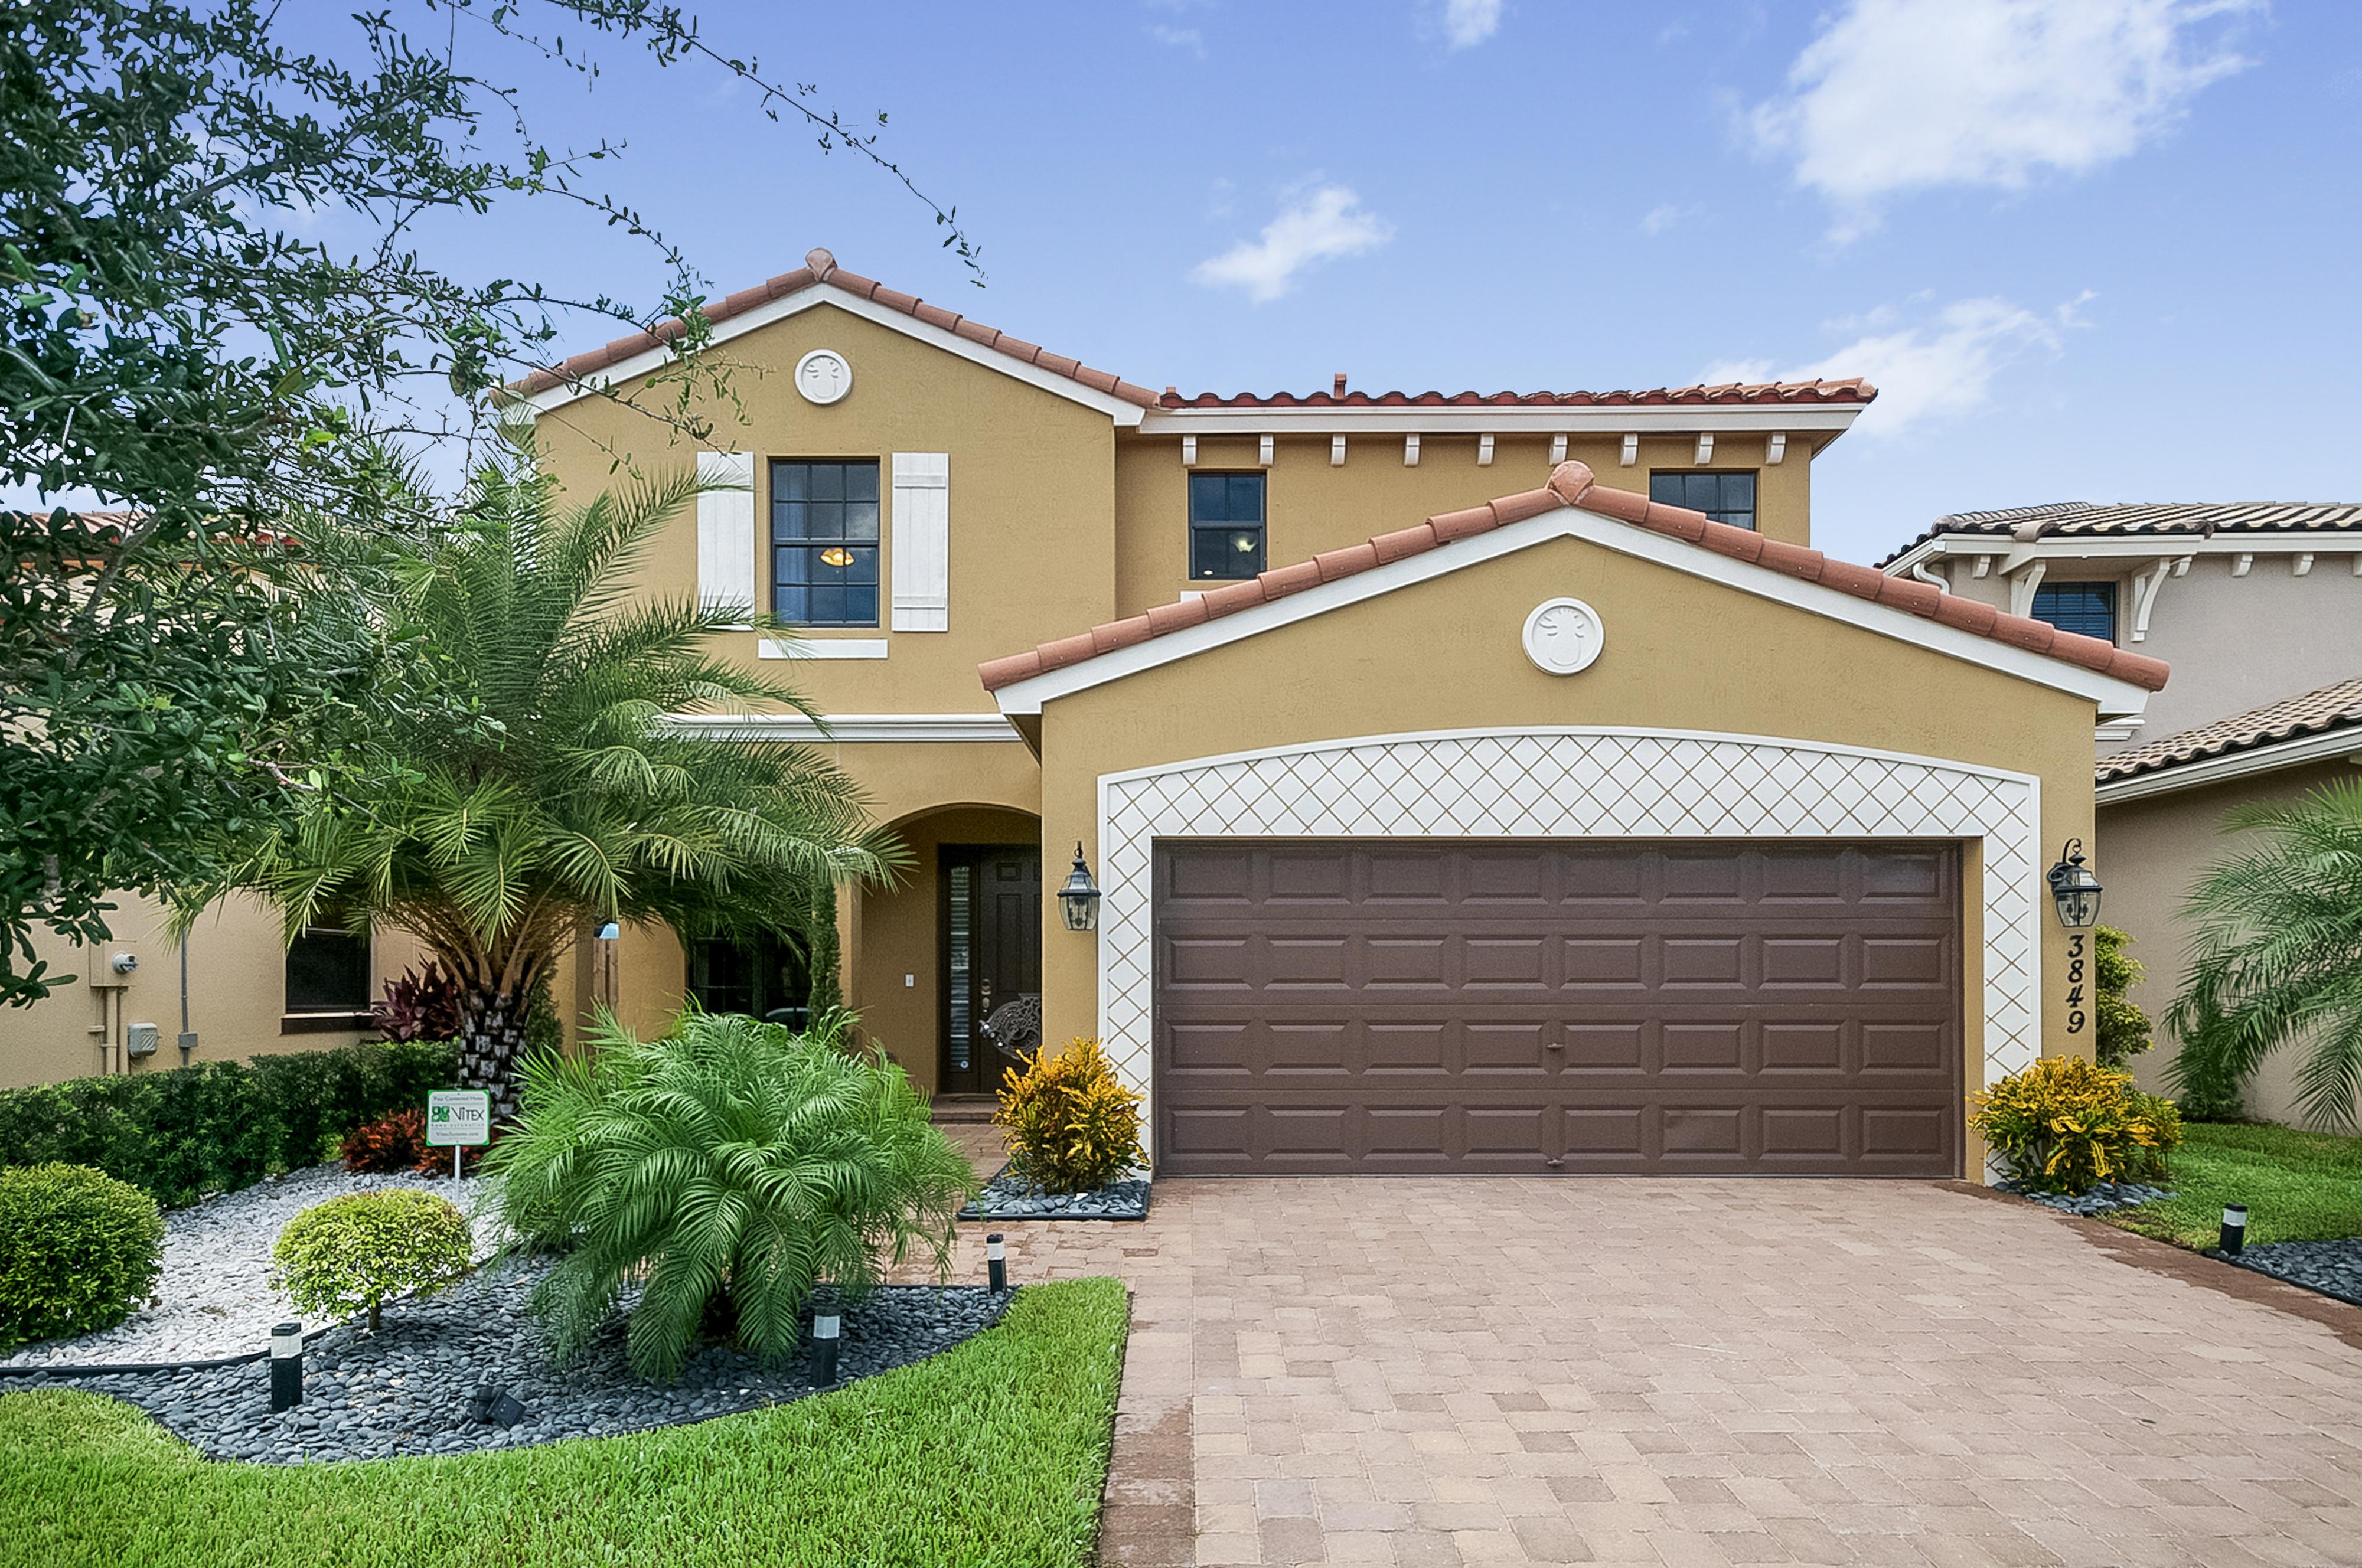 단독 가정 주택 용 매매 에 3849 Aspen Leaf Dr Boynton Beach, 플로리다, 33436 미국